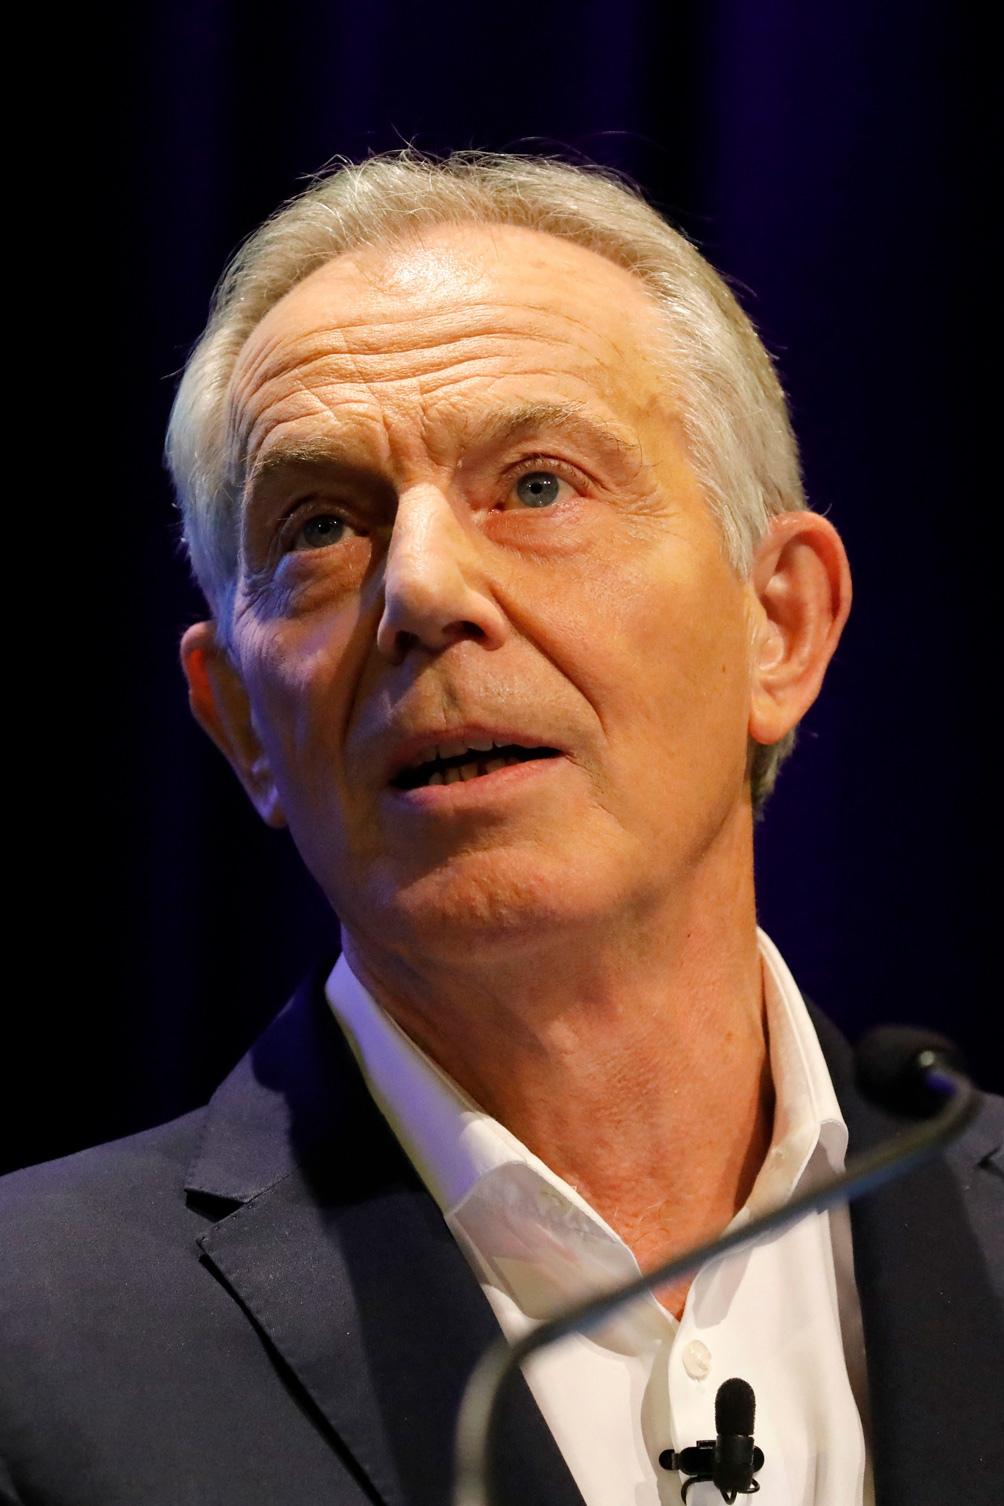 El ex primer ministro británico laborista Blair y su esposa Cherie negaron rotundamente haber cometido un delito al comprar una propiedad en Londres valuada en 6,45 millones de libras.